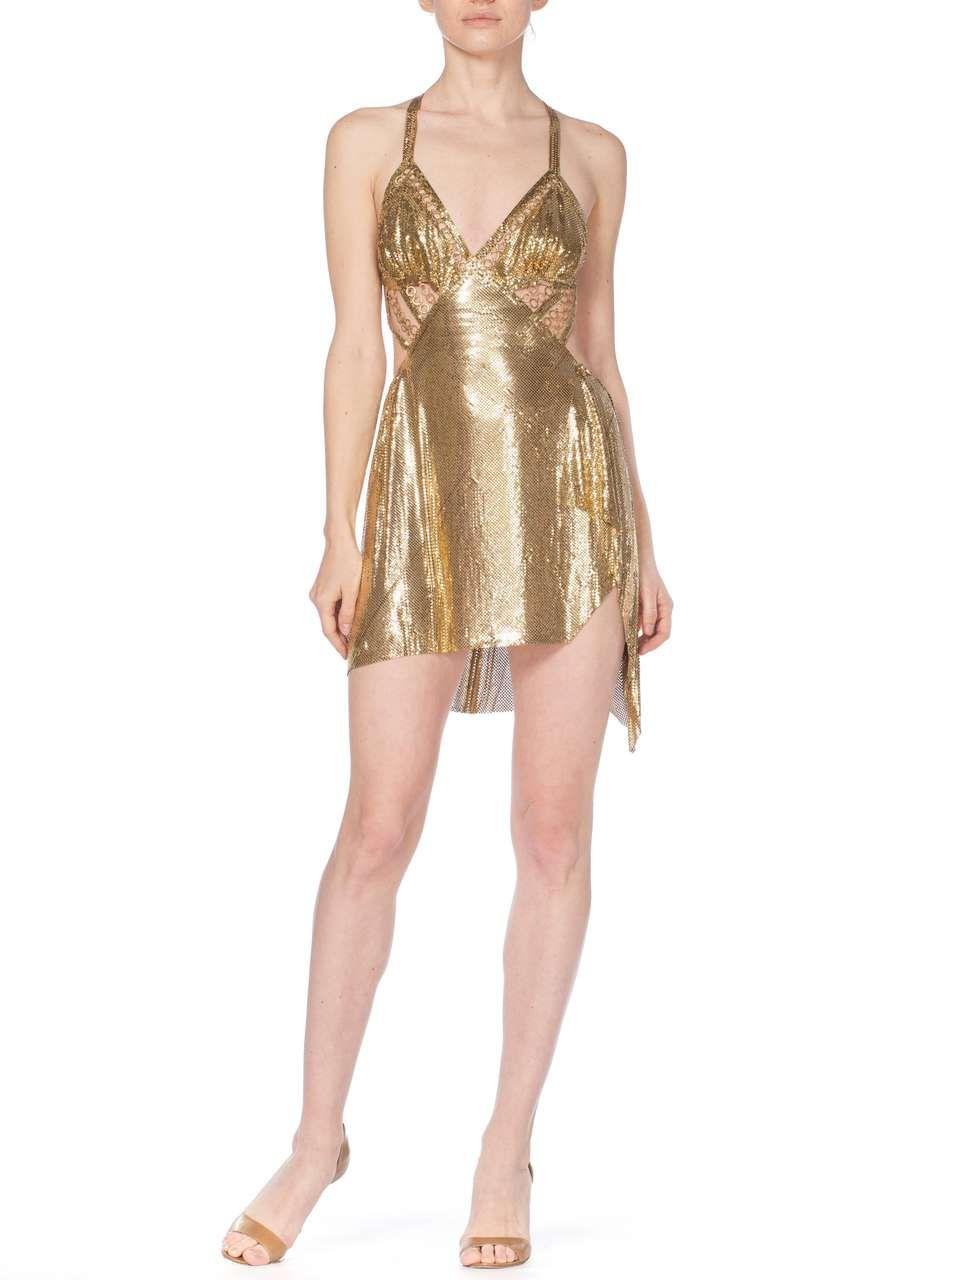 14+ Gold mini dress ideas in 2021